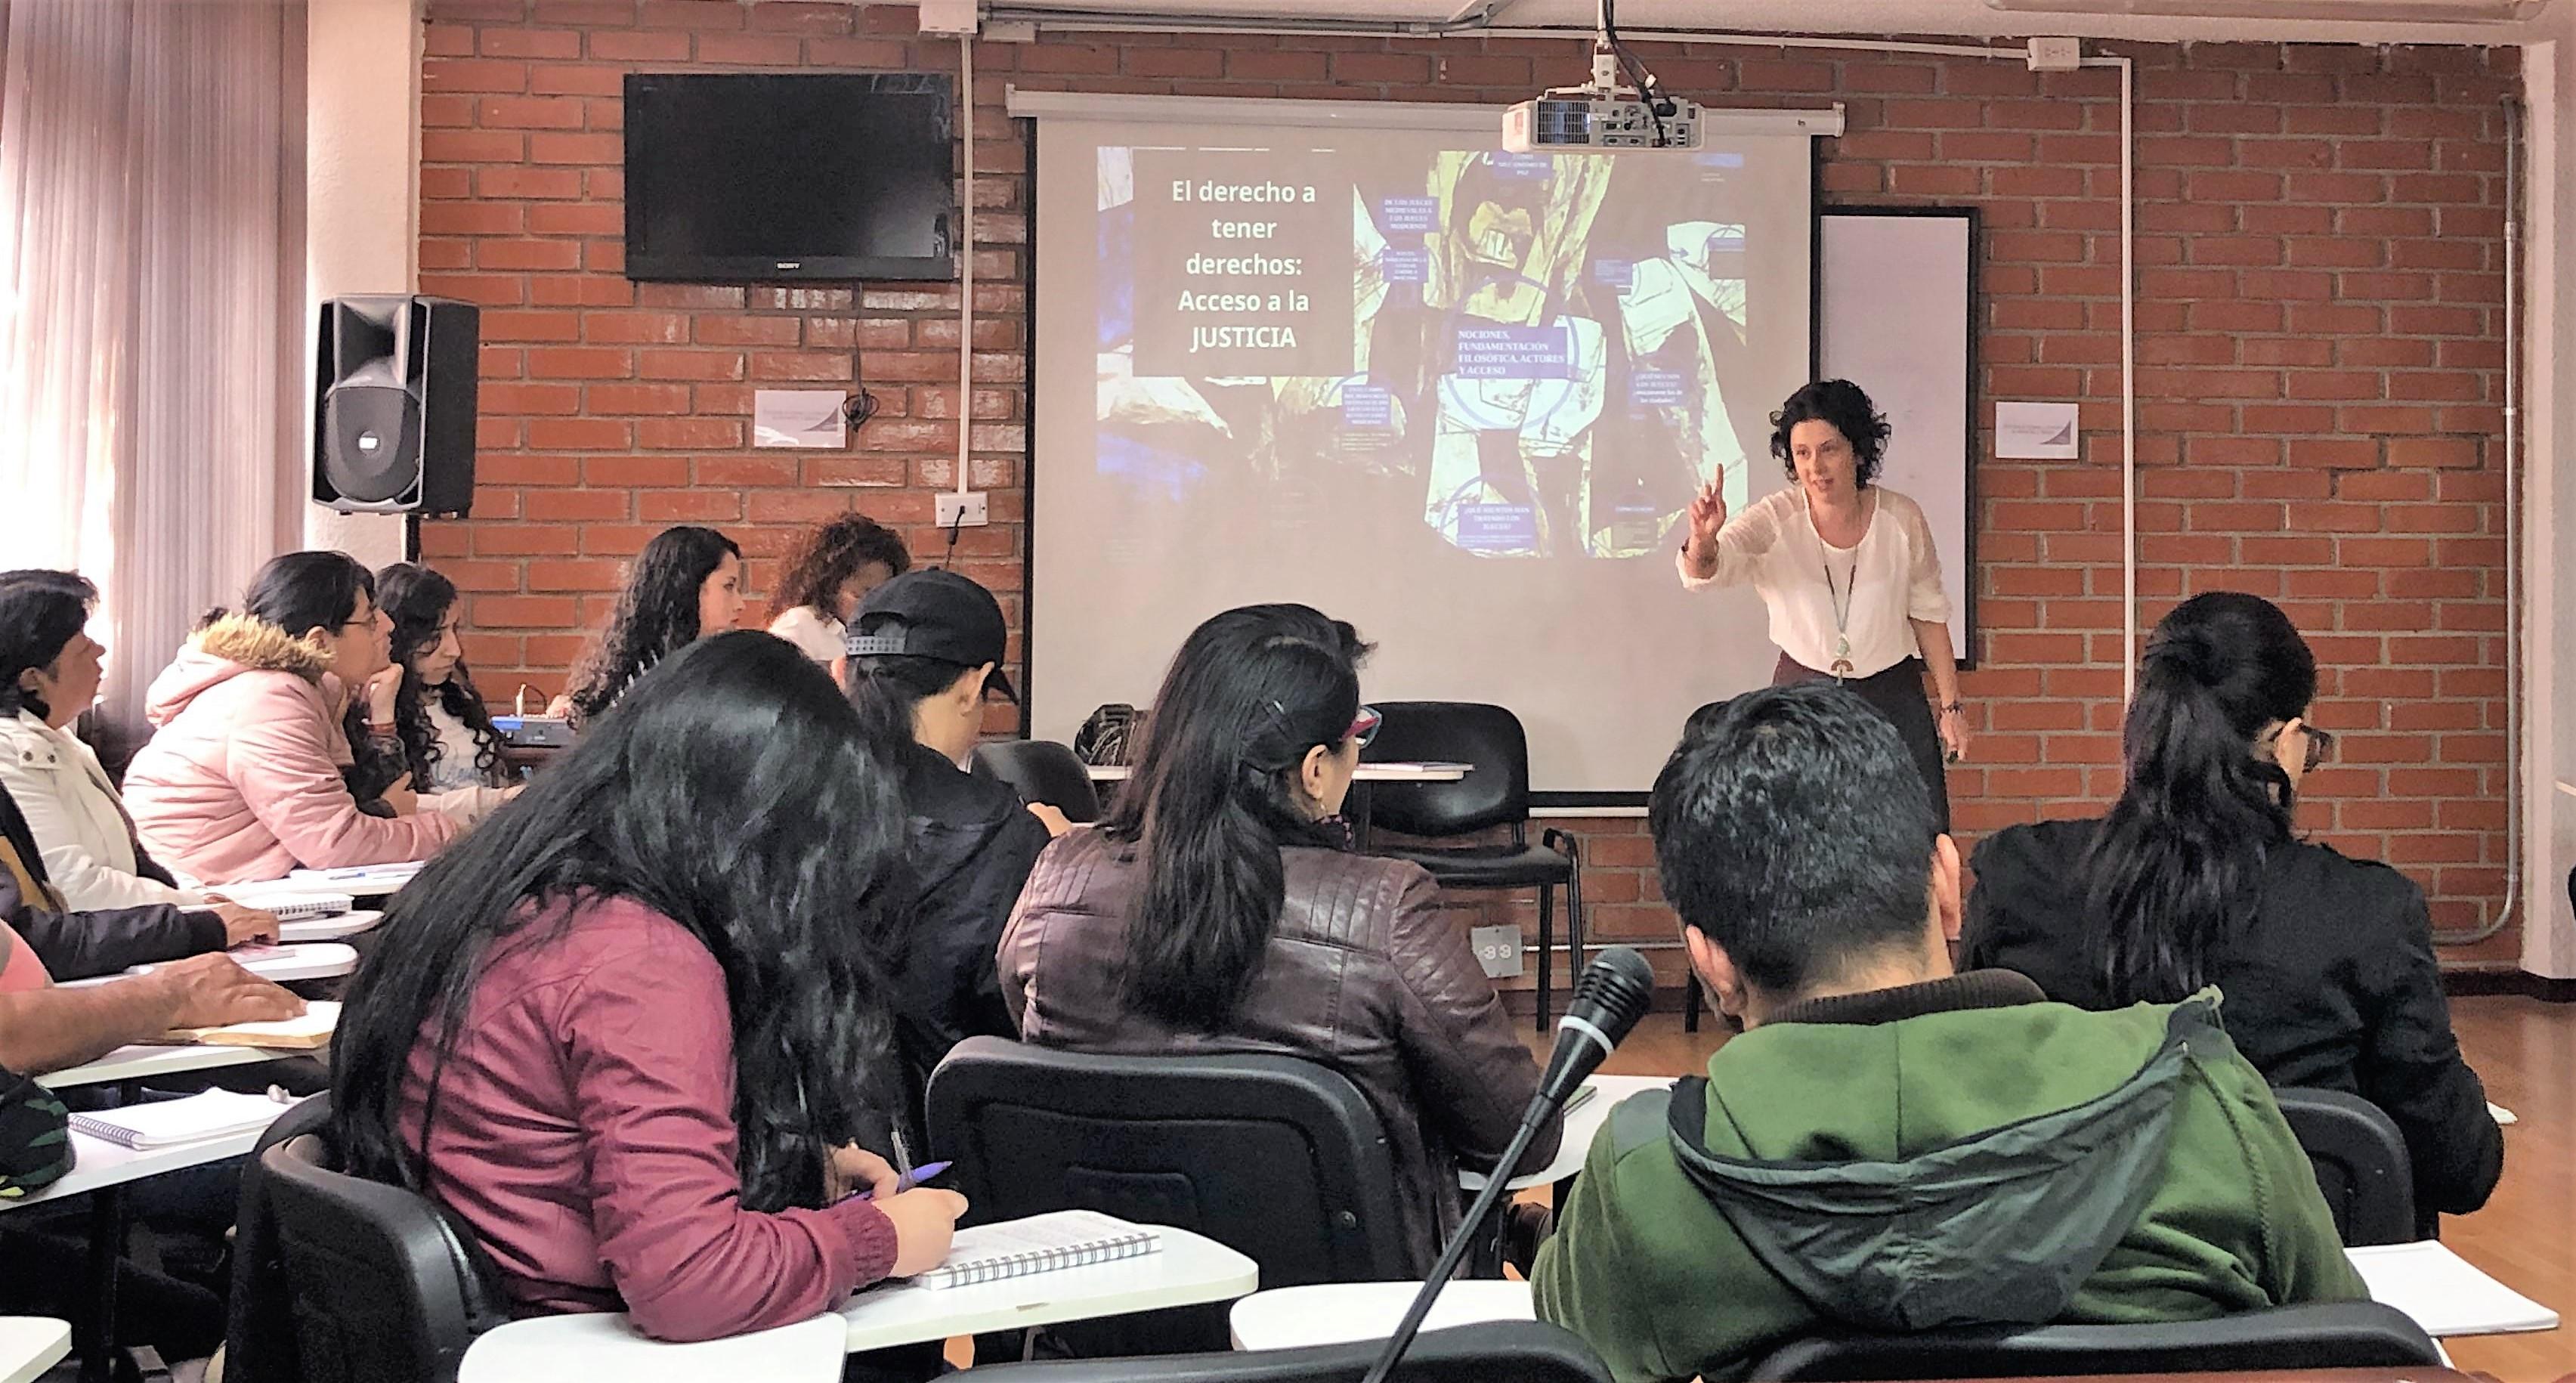 CAPAZ | CAPAZ Territorial School in Pasto: Community experiences for